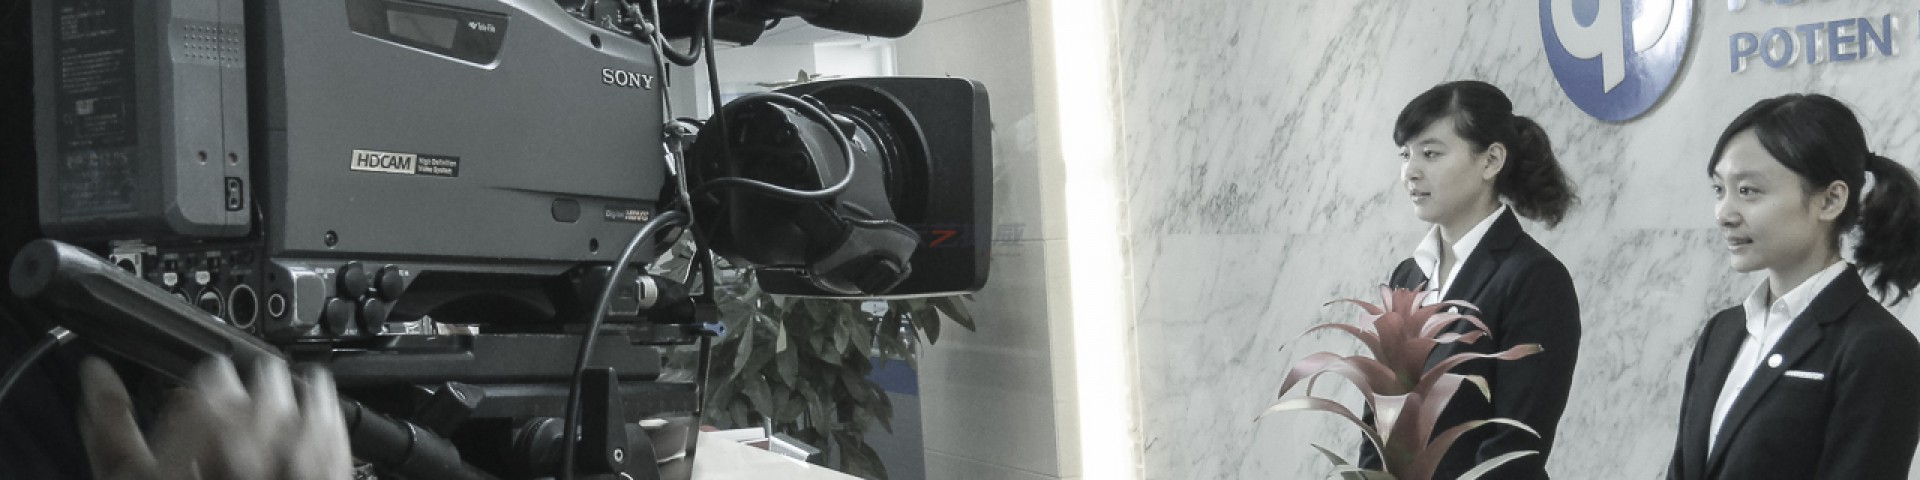 QuickVideo-TEL-13621020698